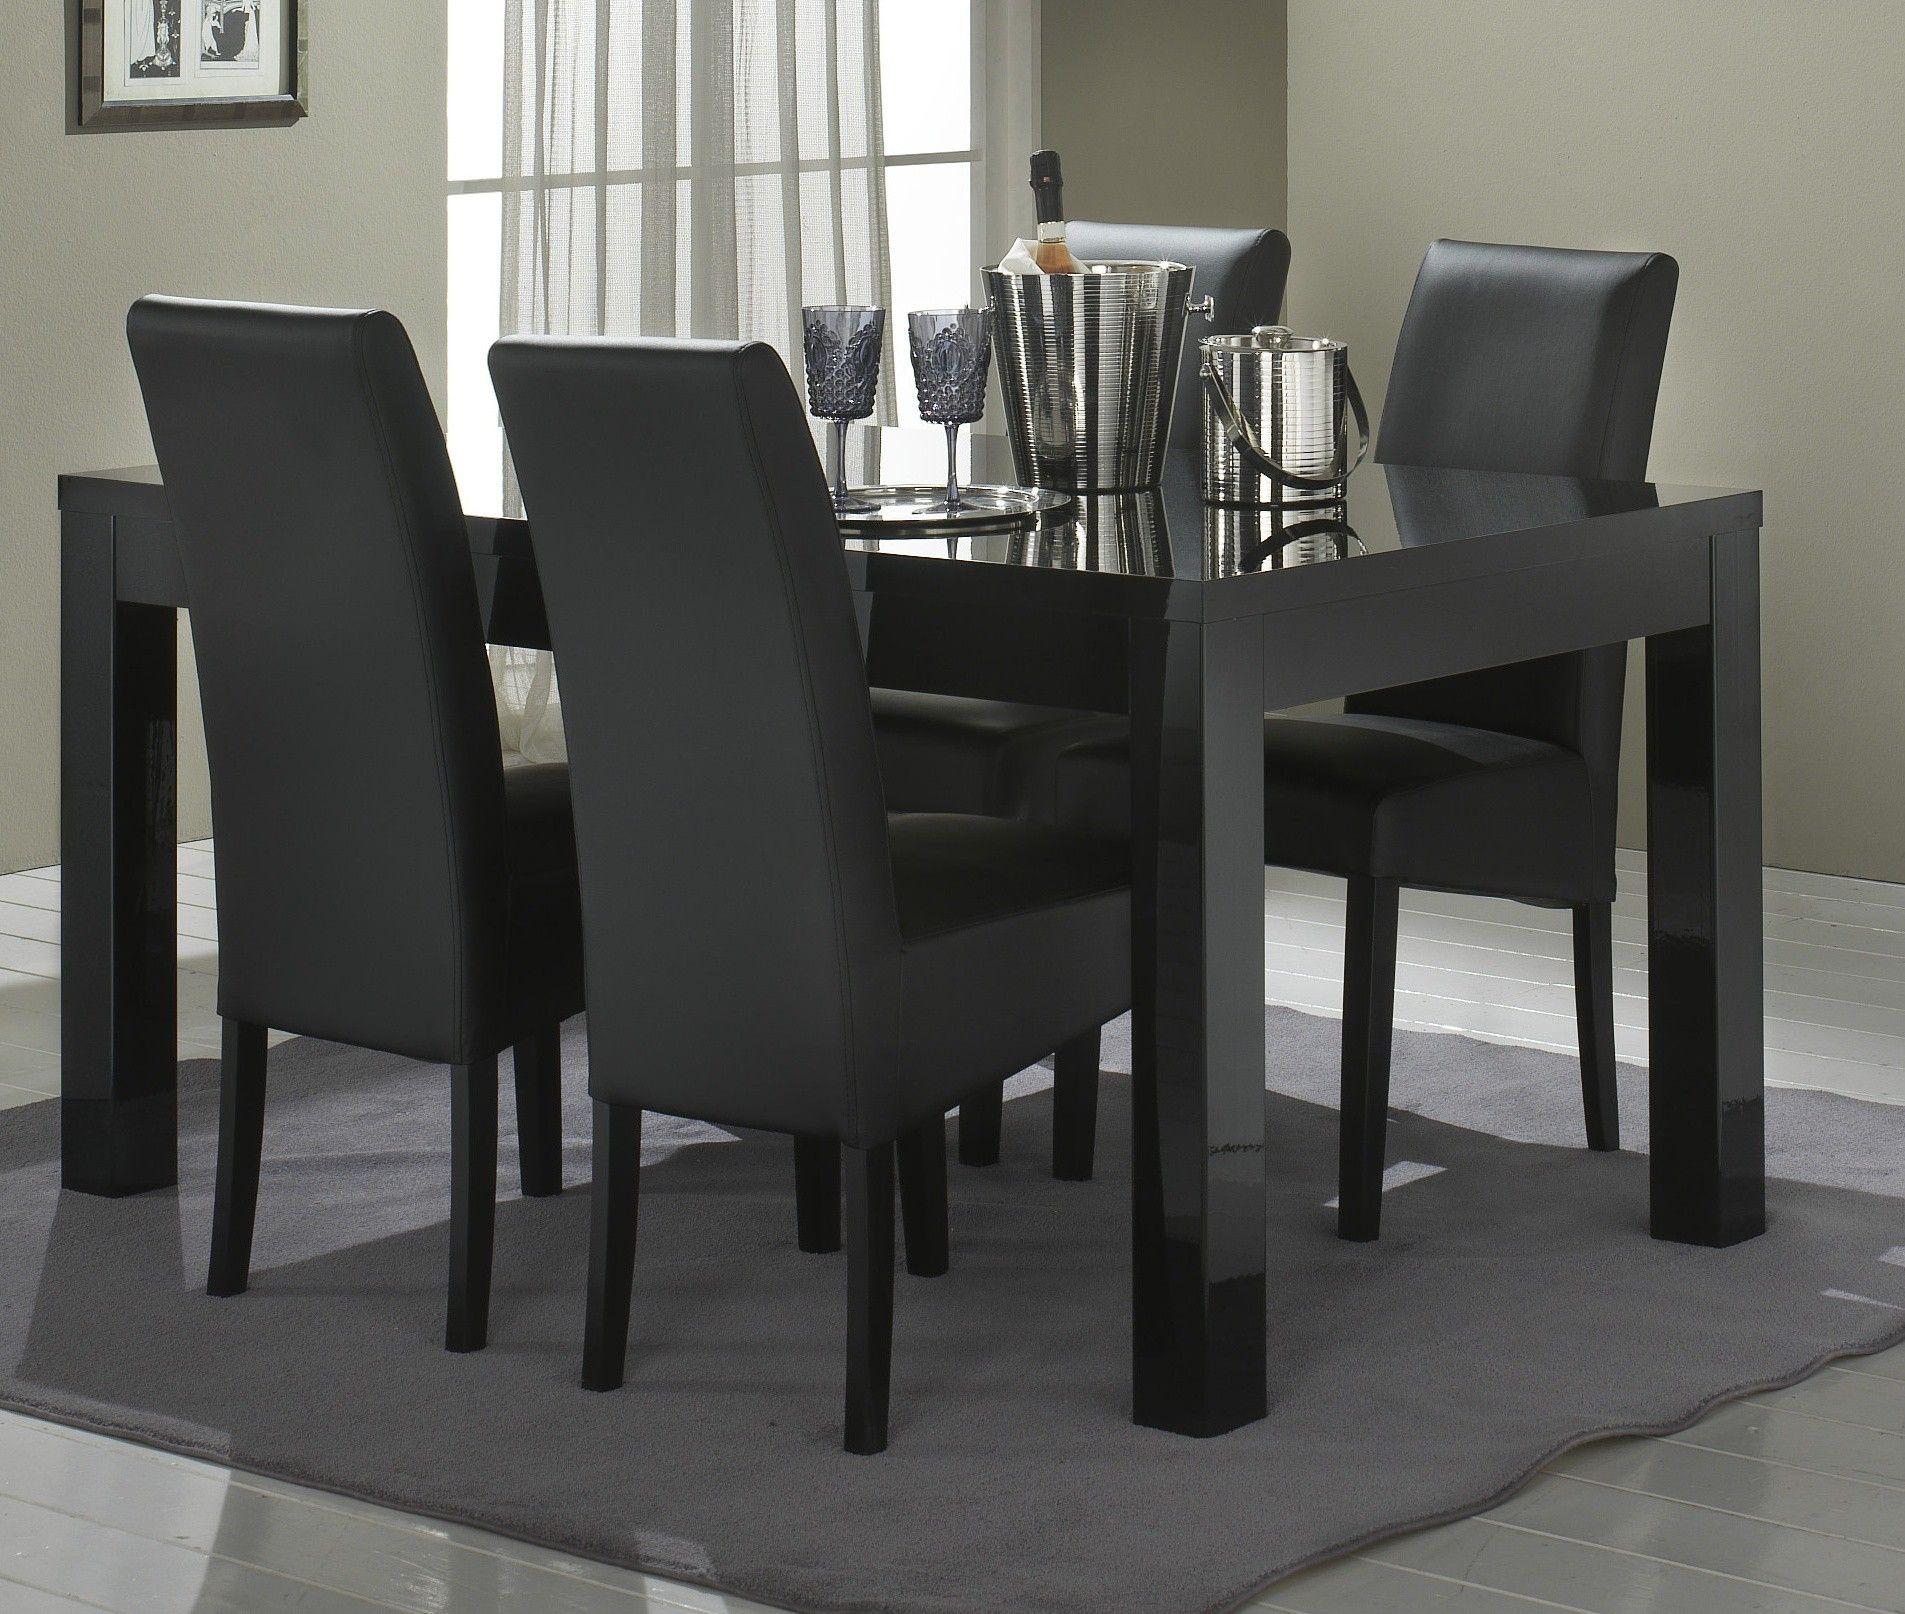 Table de salle à manger design laquée noire Solene http://www ...